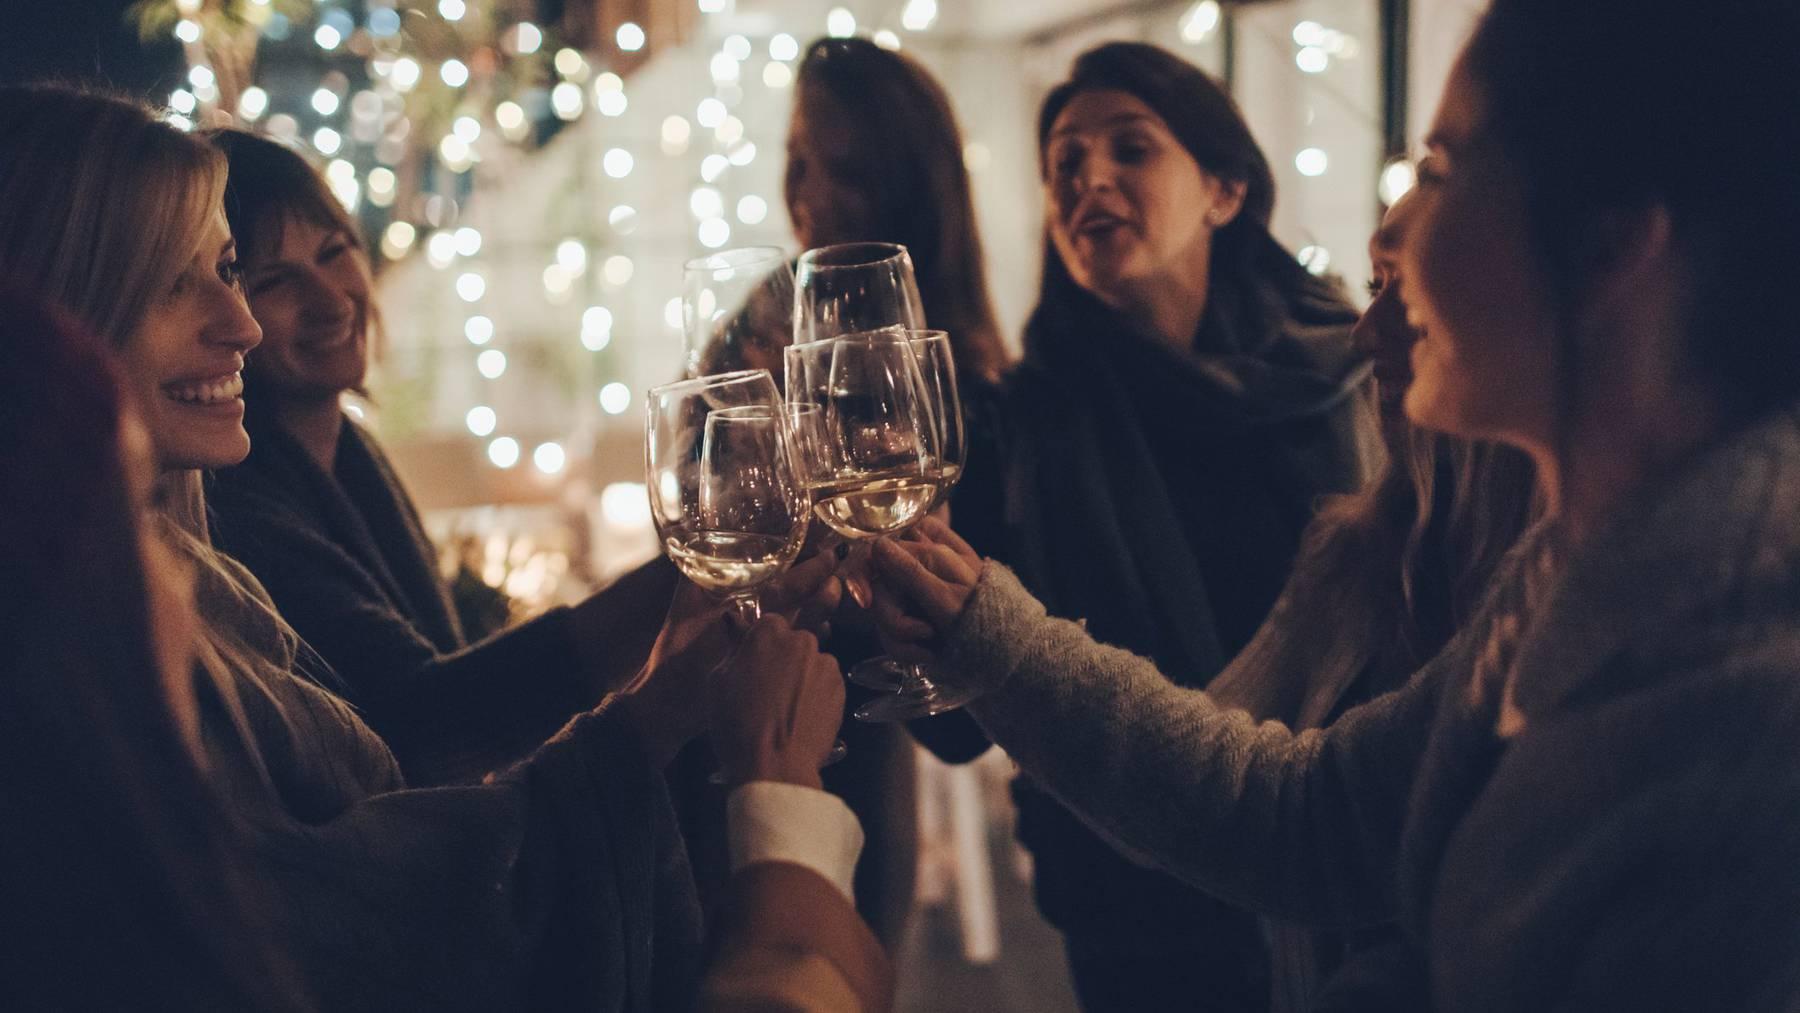 Gerade nach Weihnachten und Silvester verzichten viele Menschen einen Monat lang auf Alkohol. (Symbolbild)